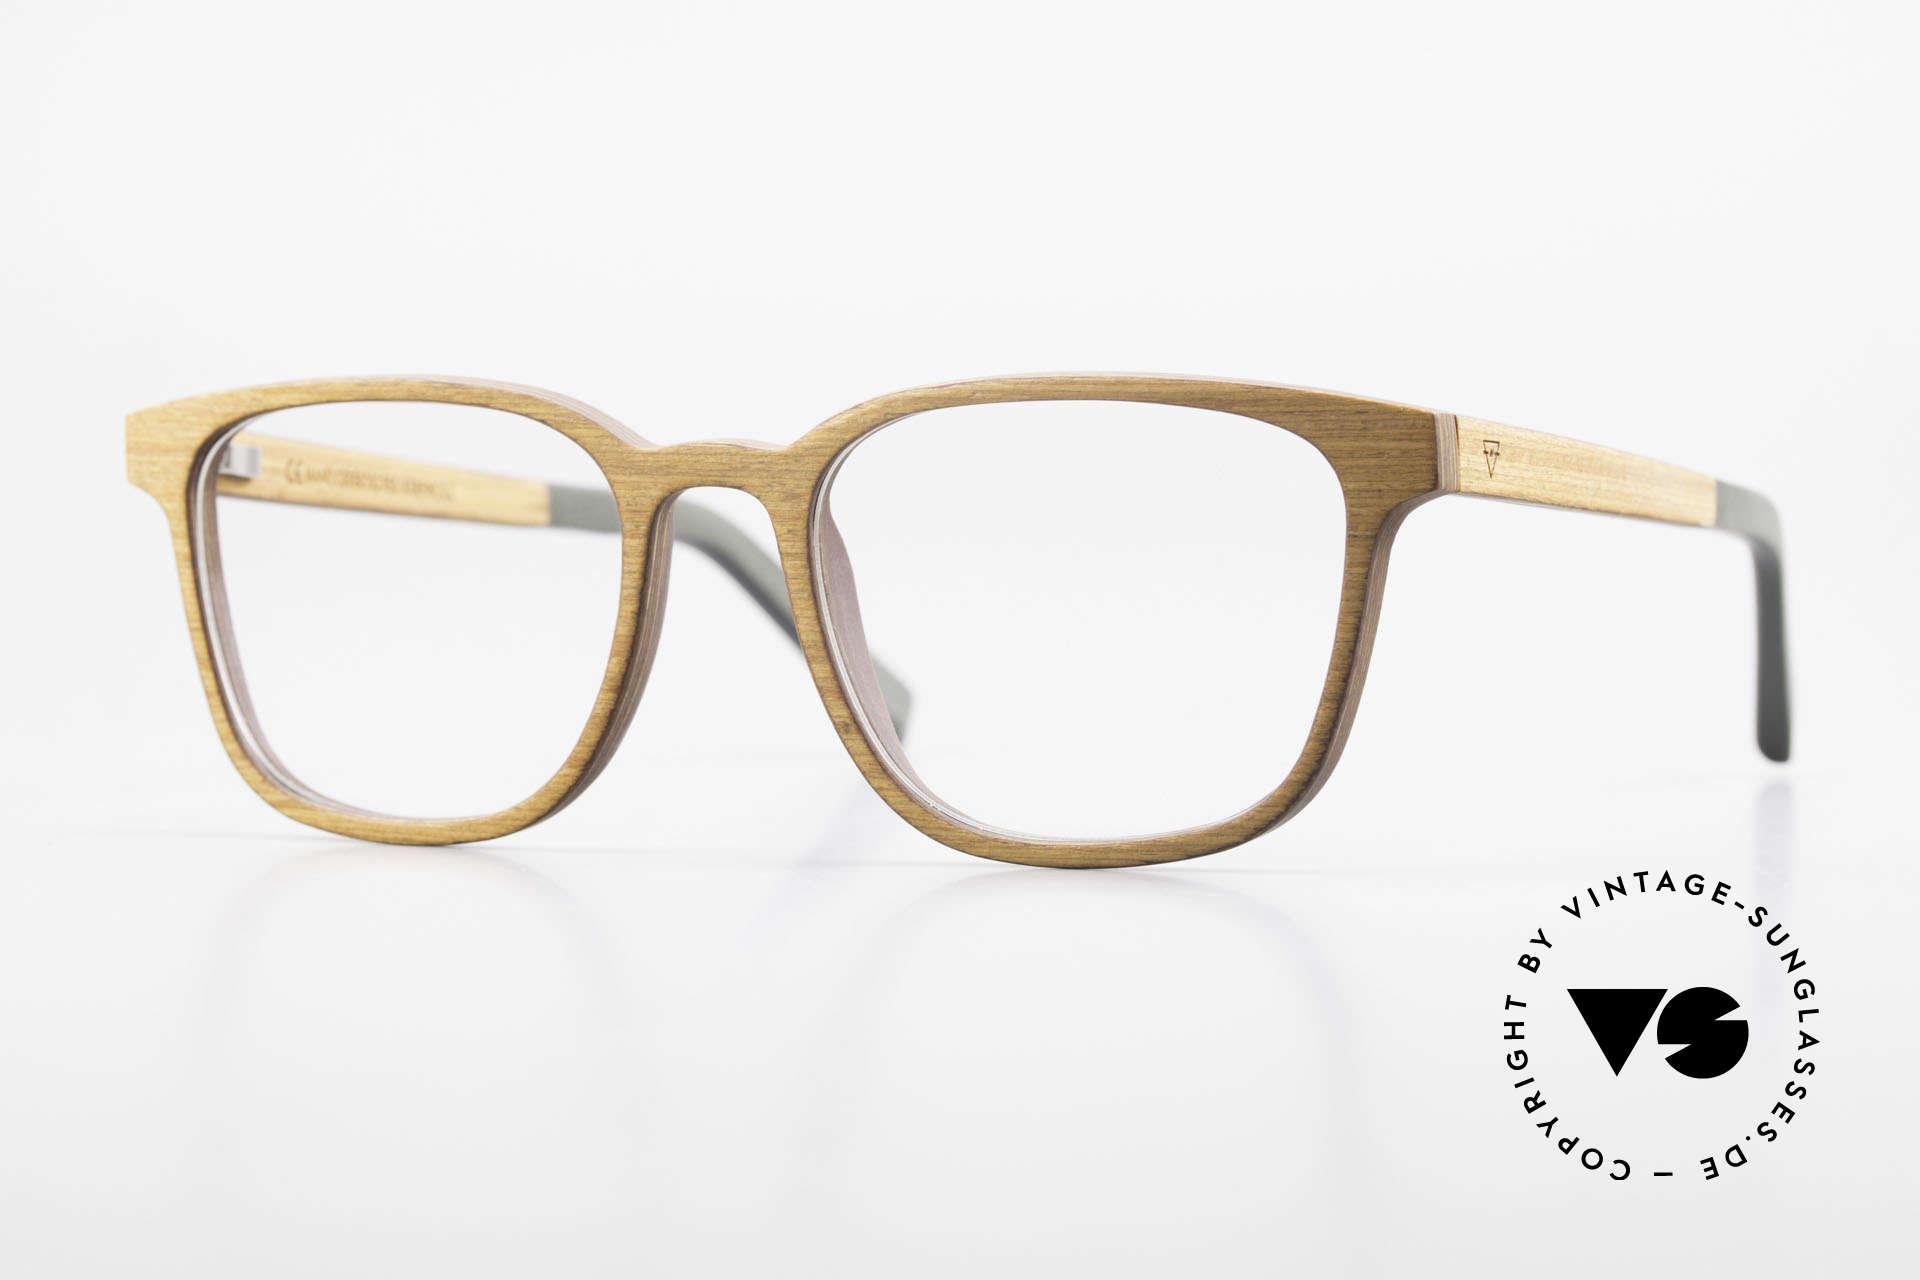 Kerbholz Ludwig Holzbrille Herren Erlenholz, Echtholz-Herrenbrille von Kerbholz, made in Germany, Passend für Herren